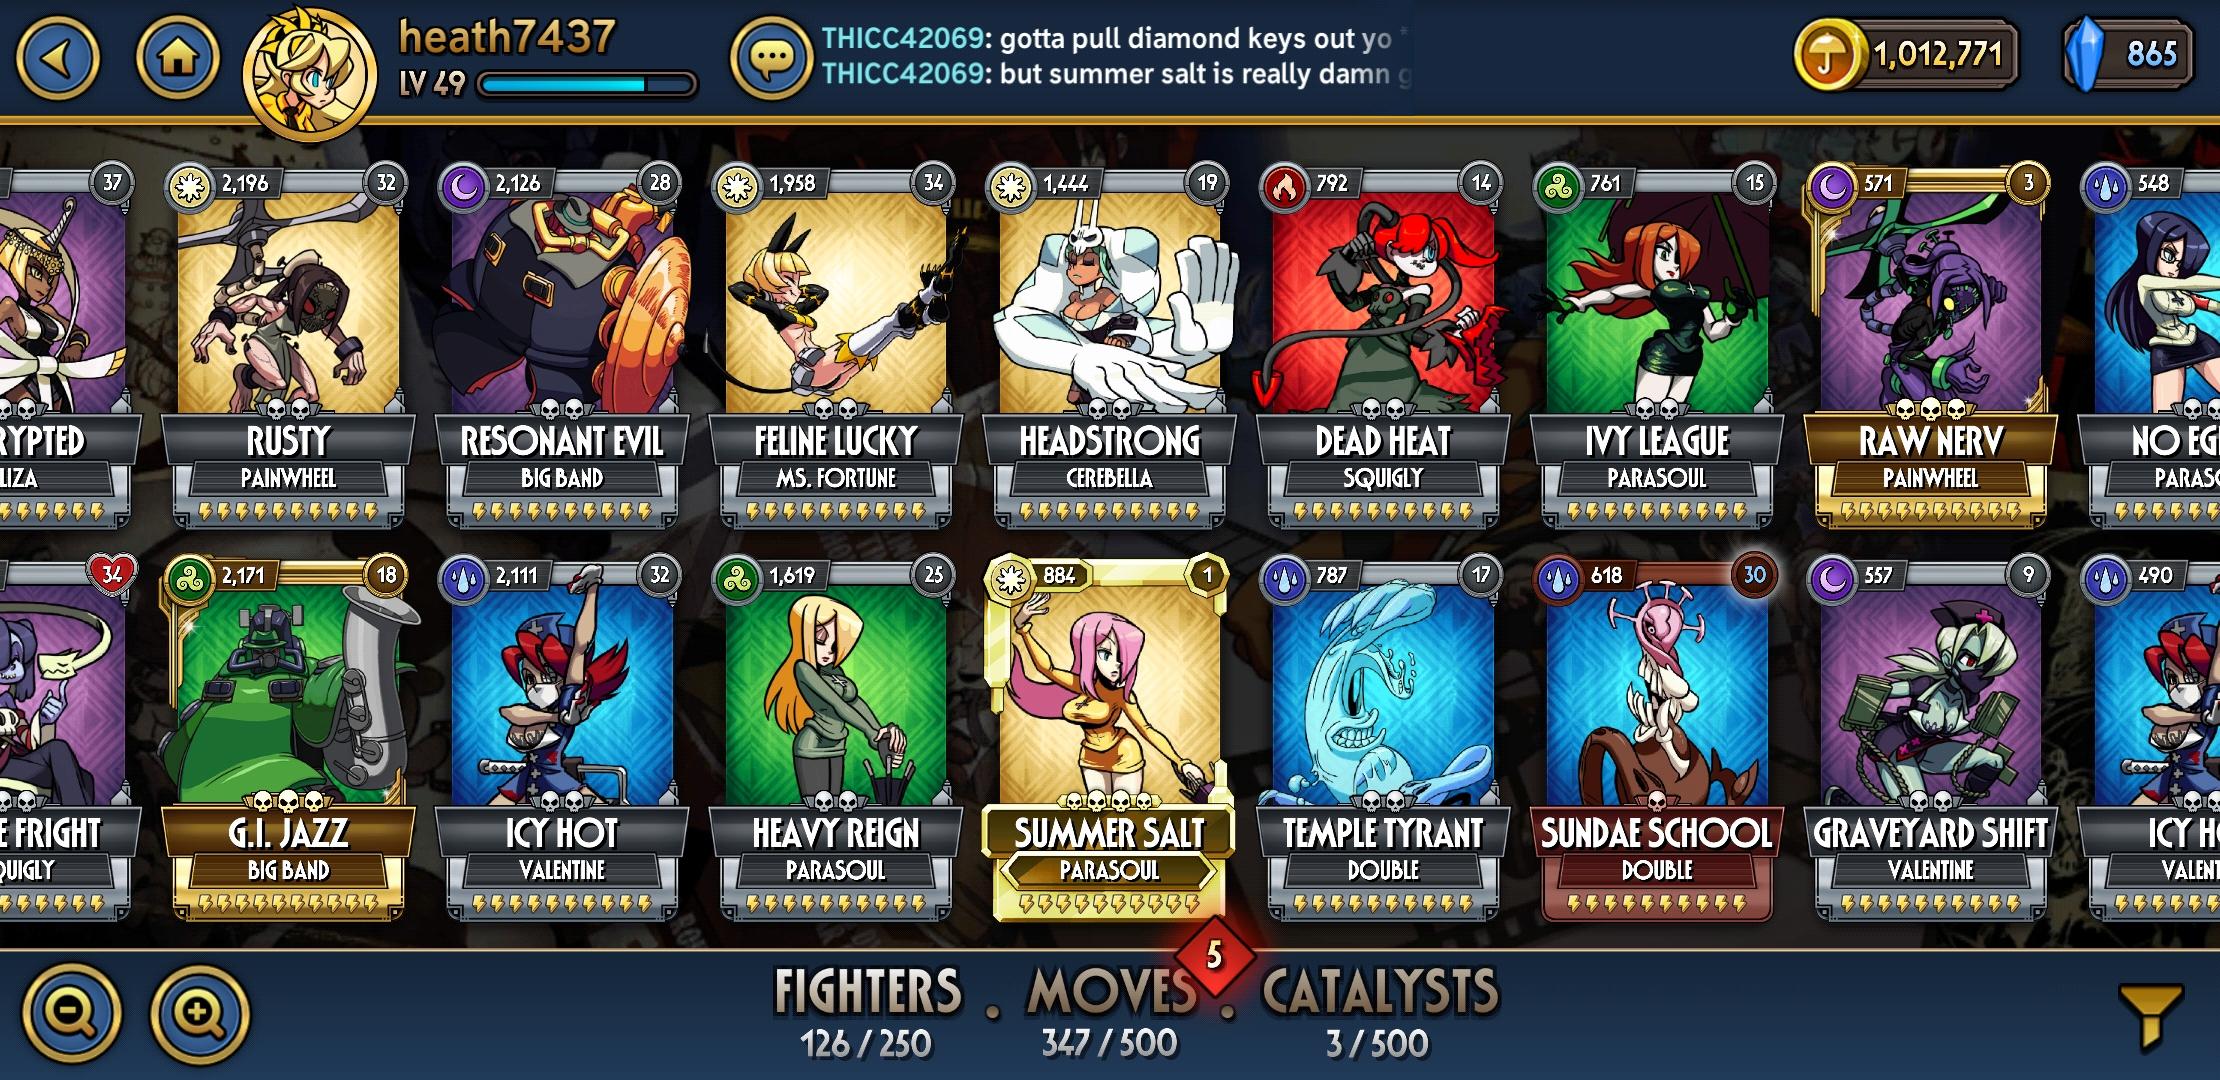 Skullgirls Mod apk baixar - Skullgirls Mod Apk 3 3 1 grátis para